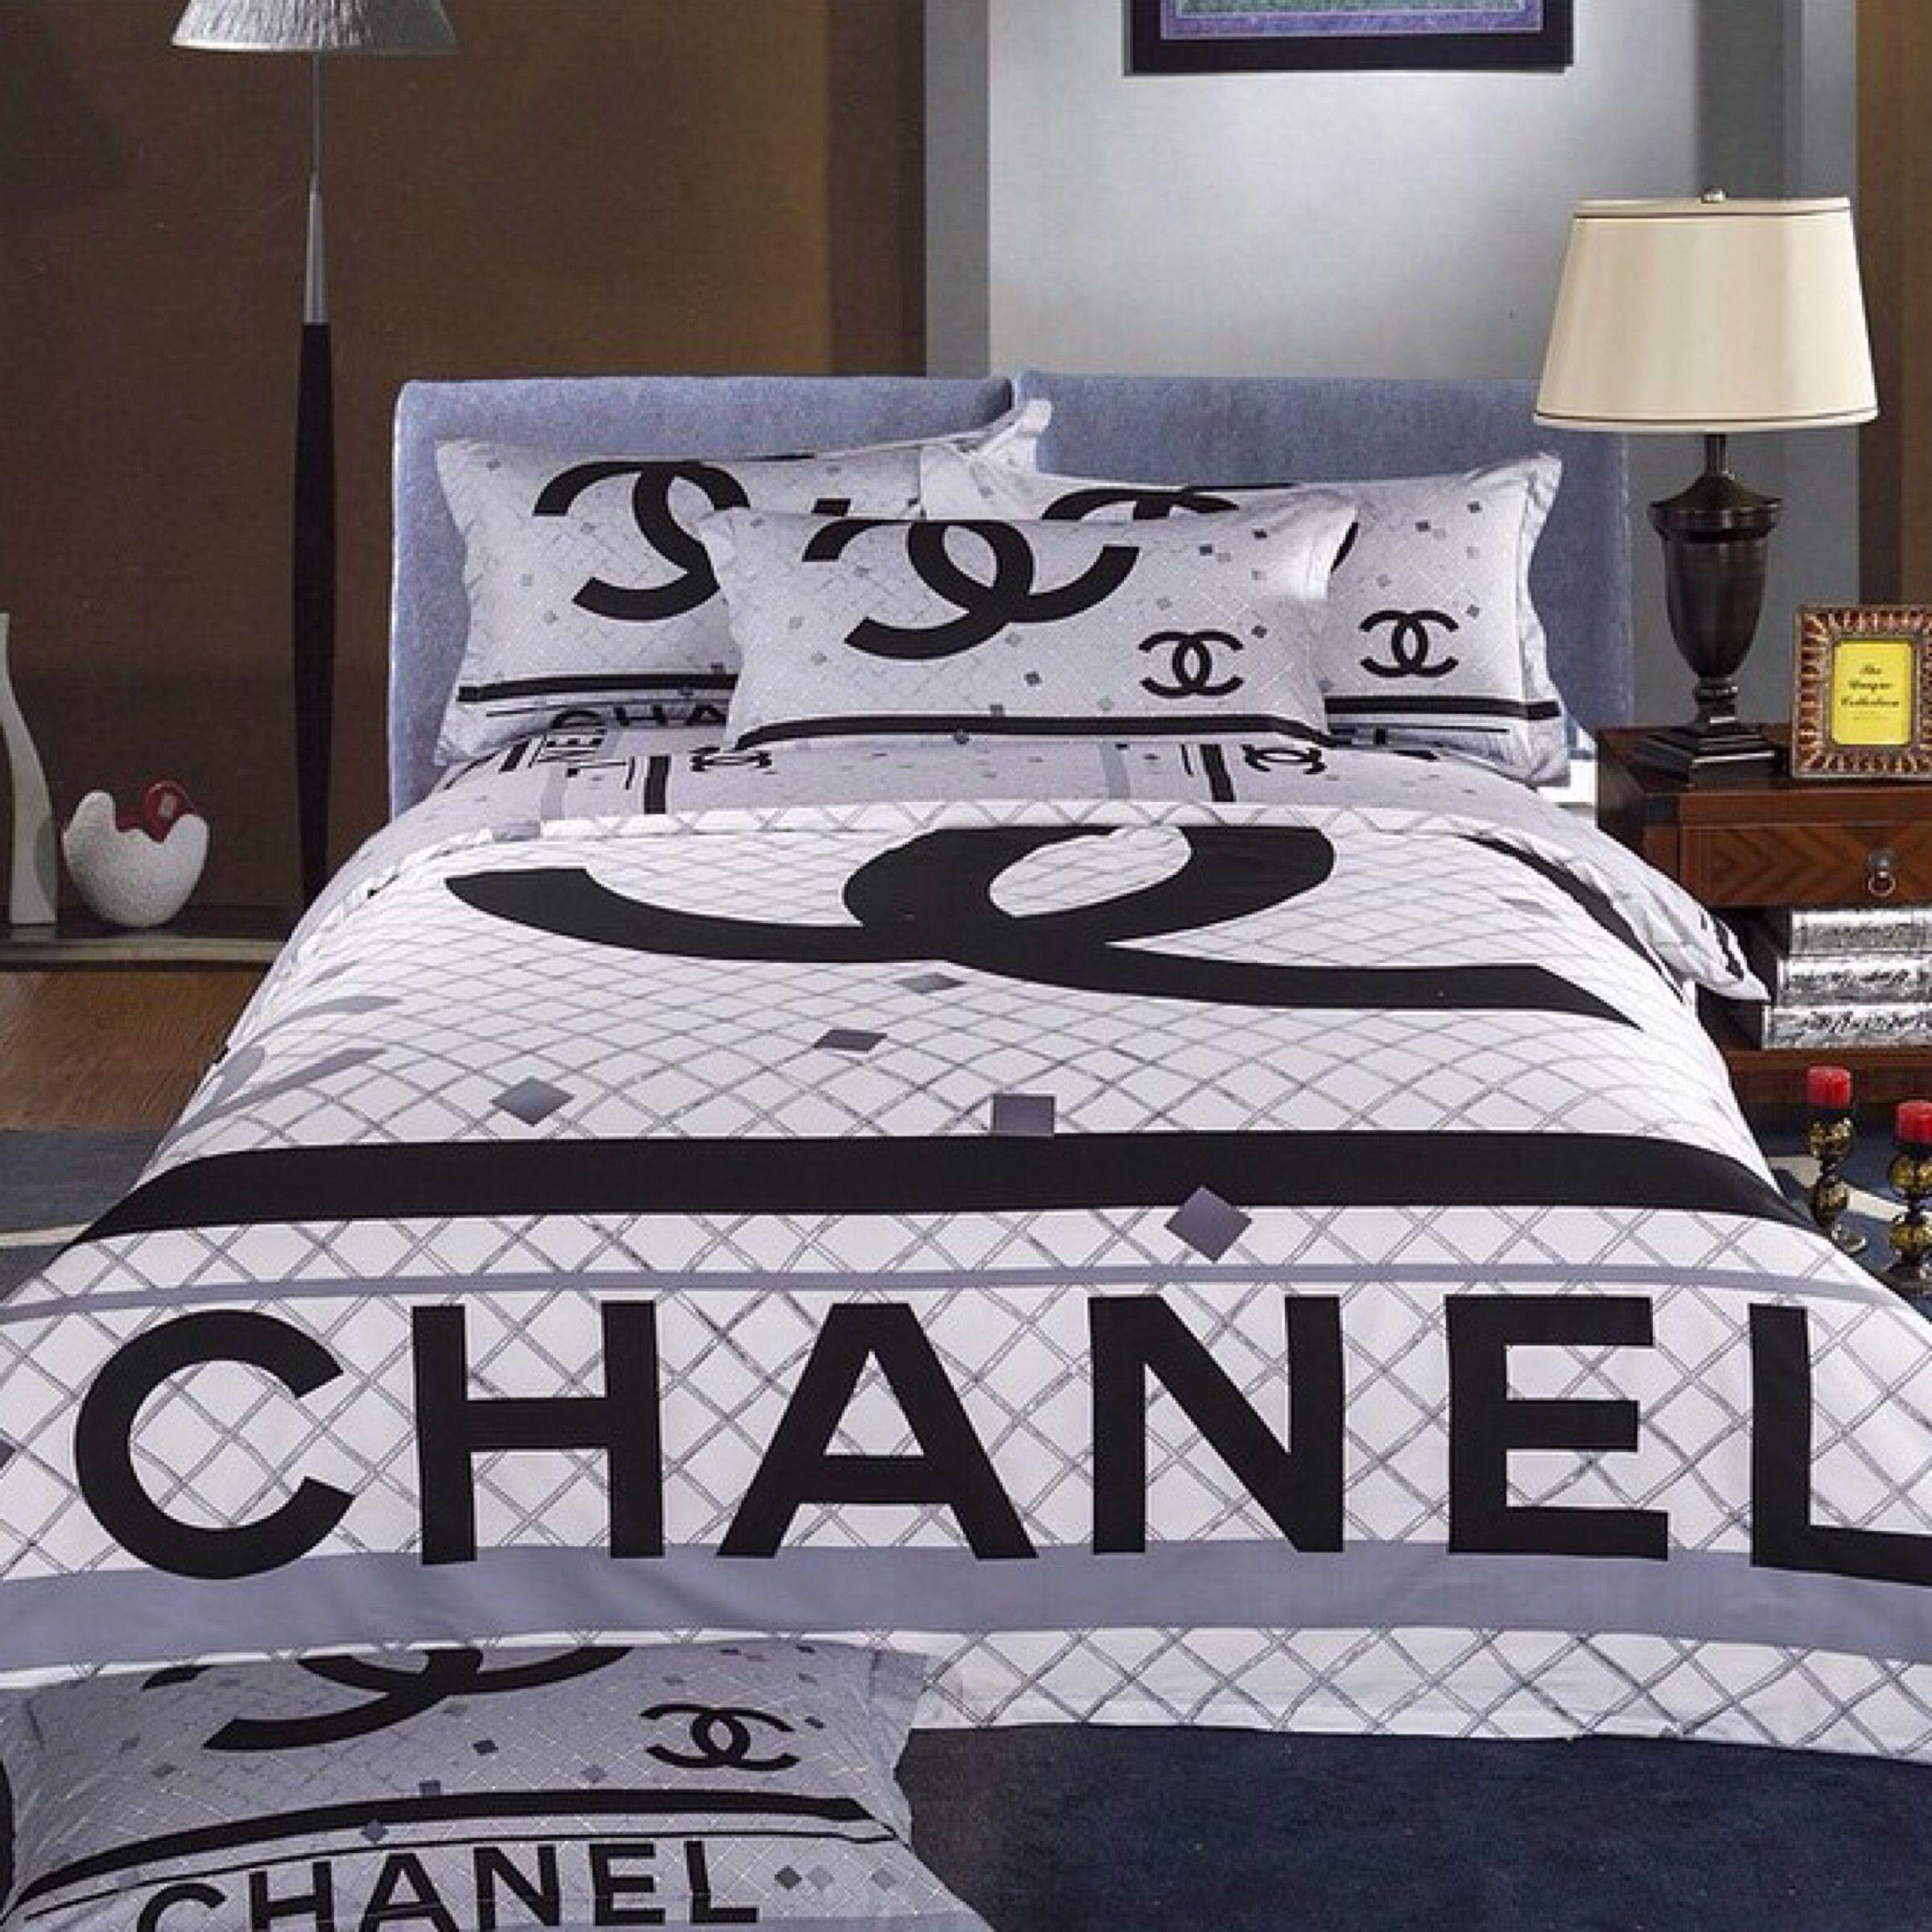 4 Piece Set 1 Comforter Duvet 1 Sheets Two Pillow Cases